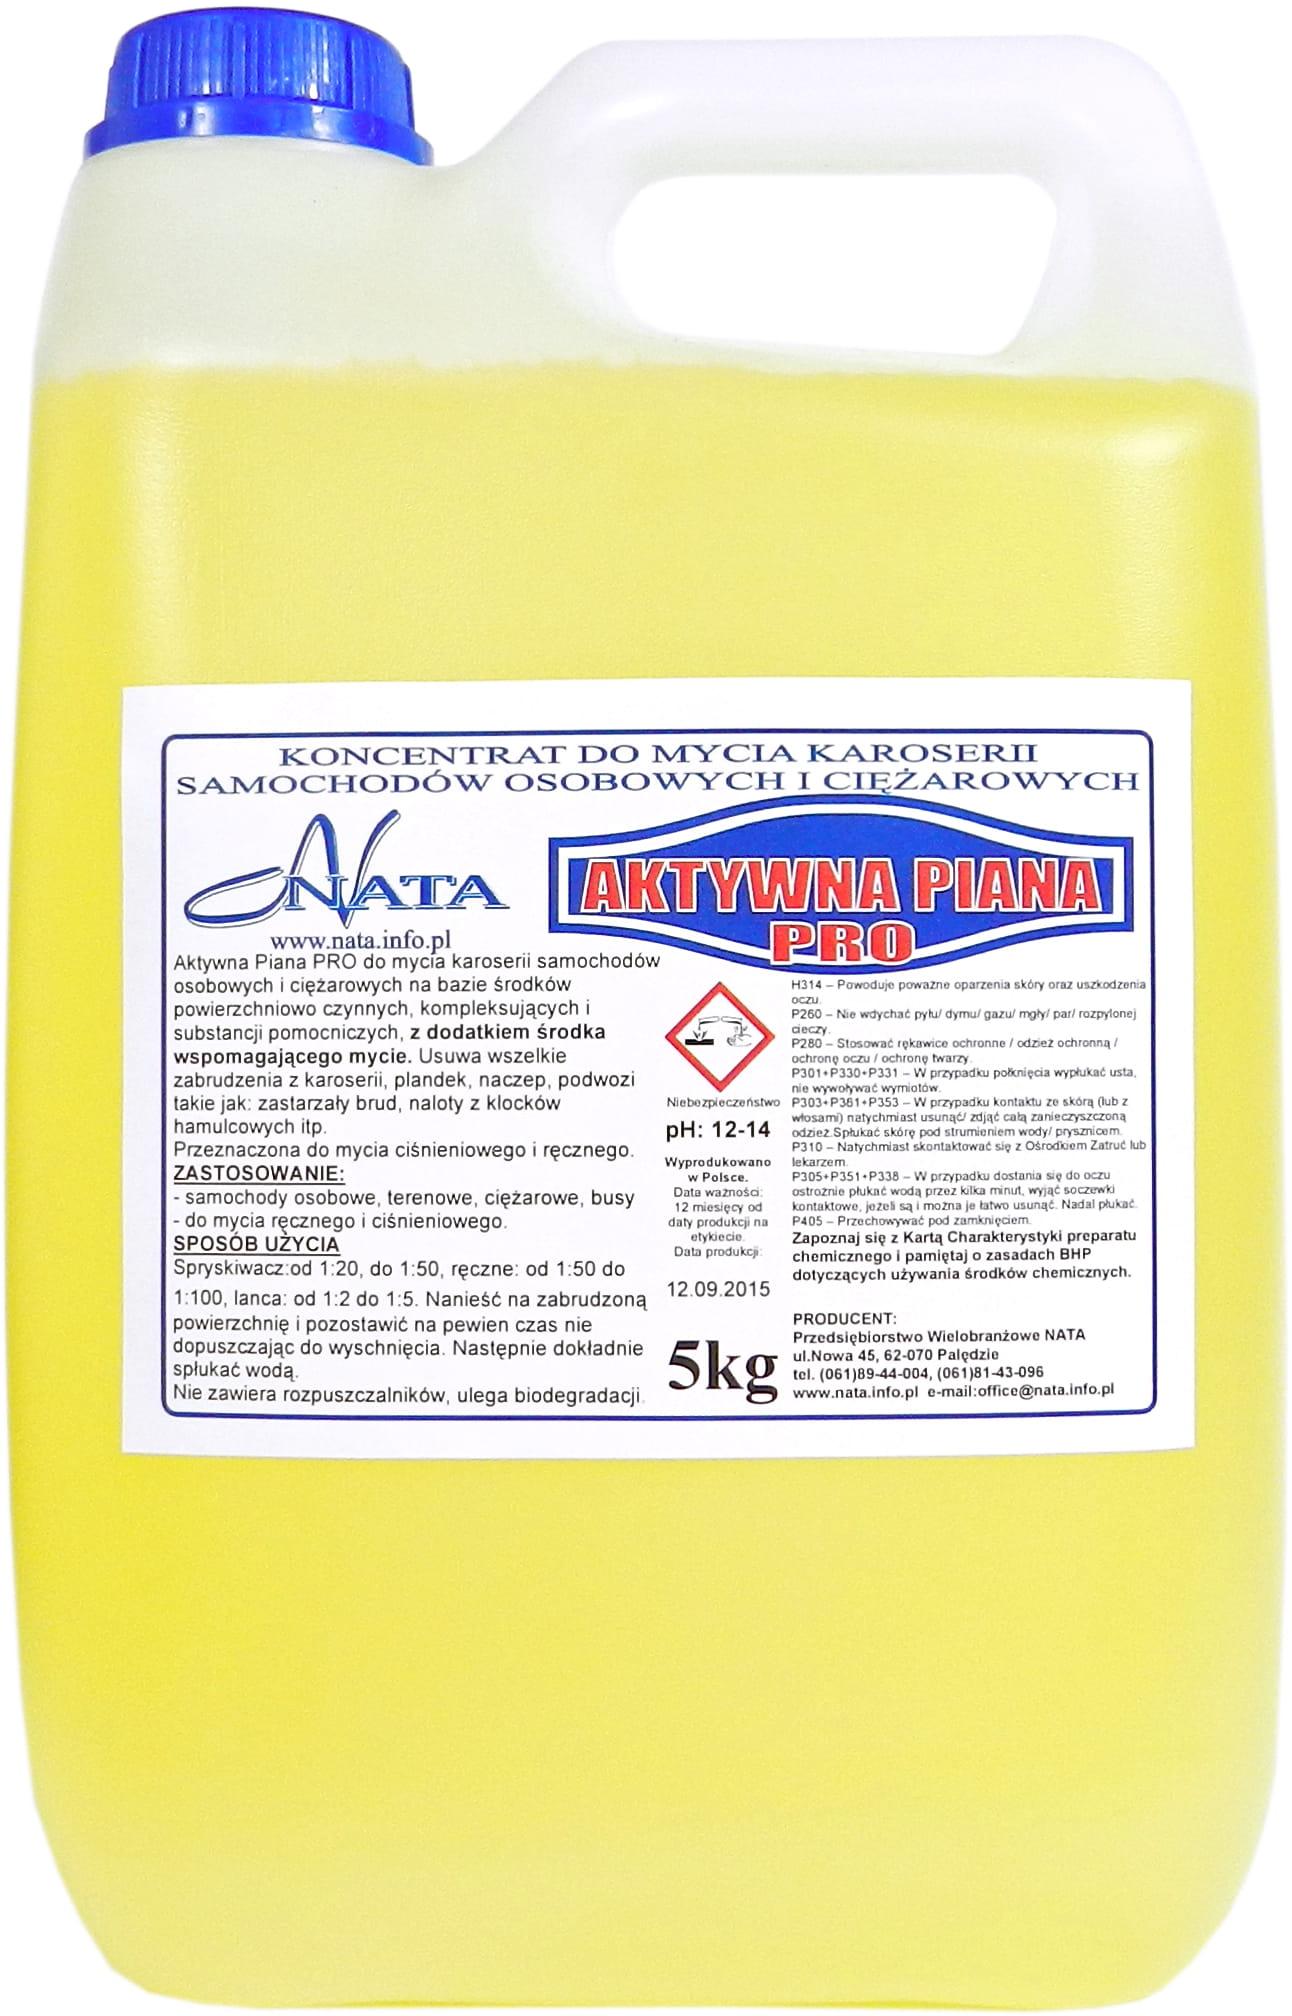 Aktywna Piana PRO 5kg - myjnia ręczna lub bezdotykowa